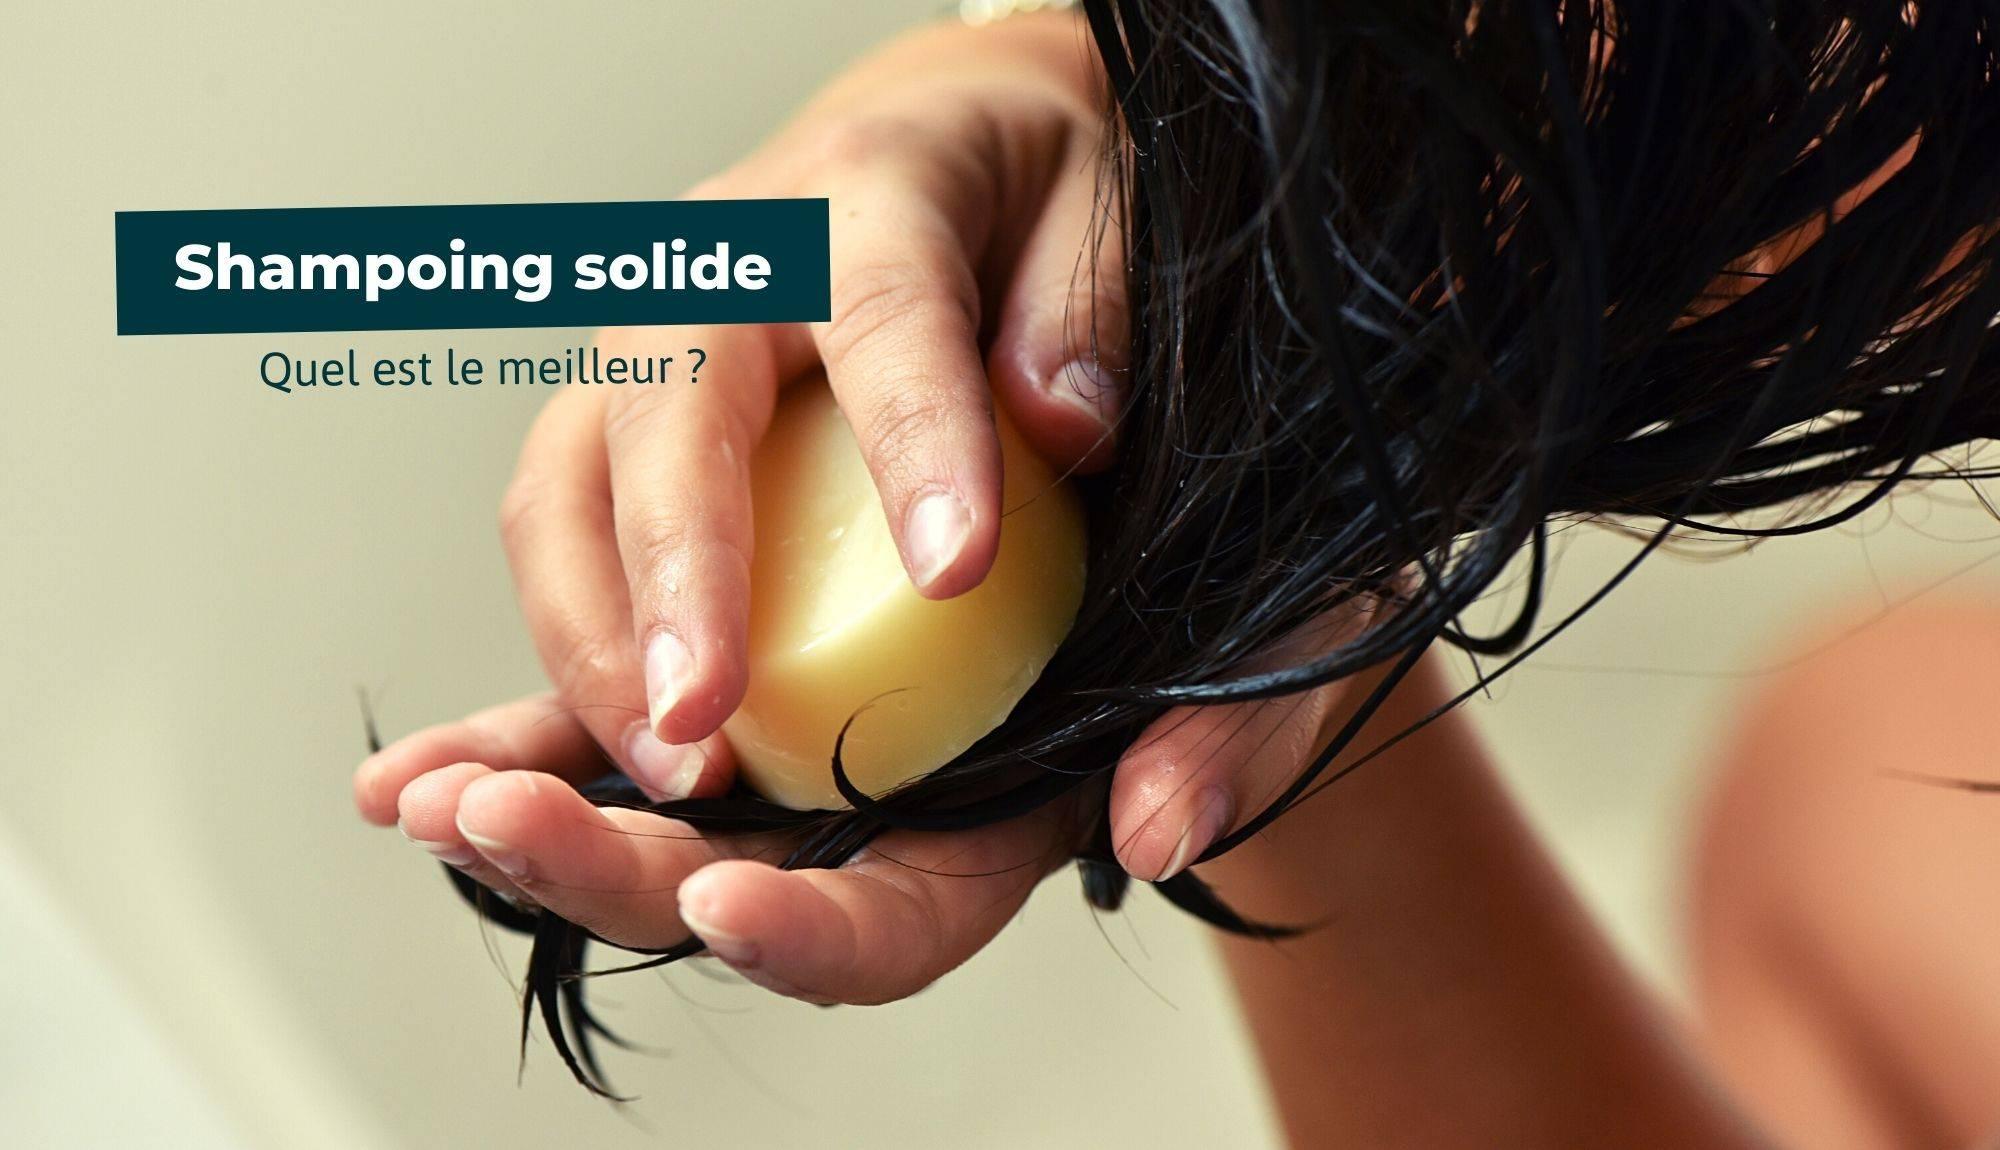 quel est le meilleur shampoing solide ?